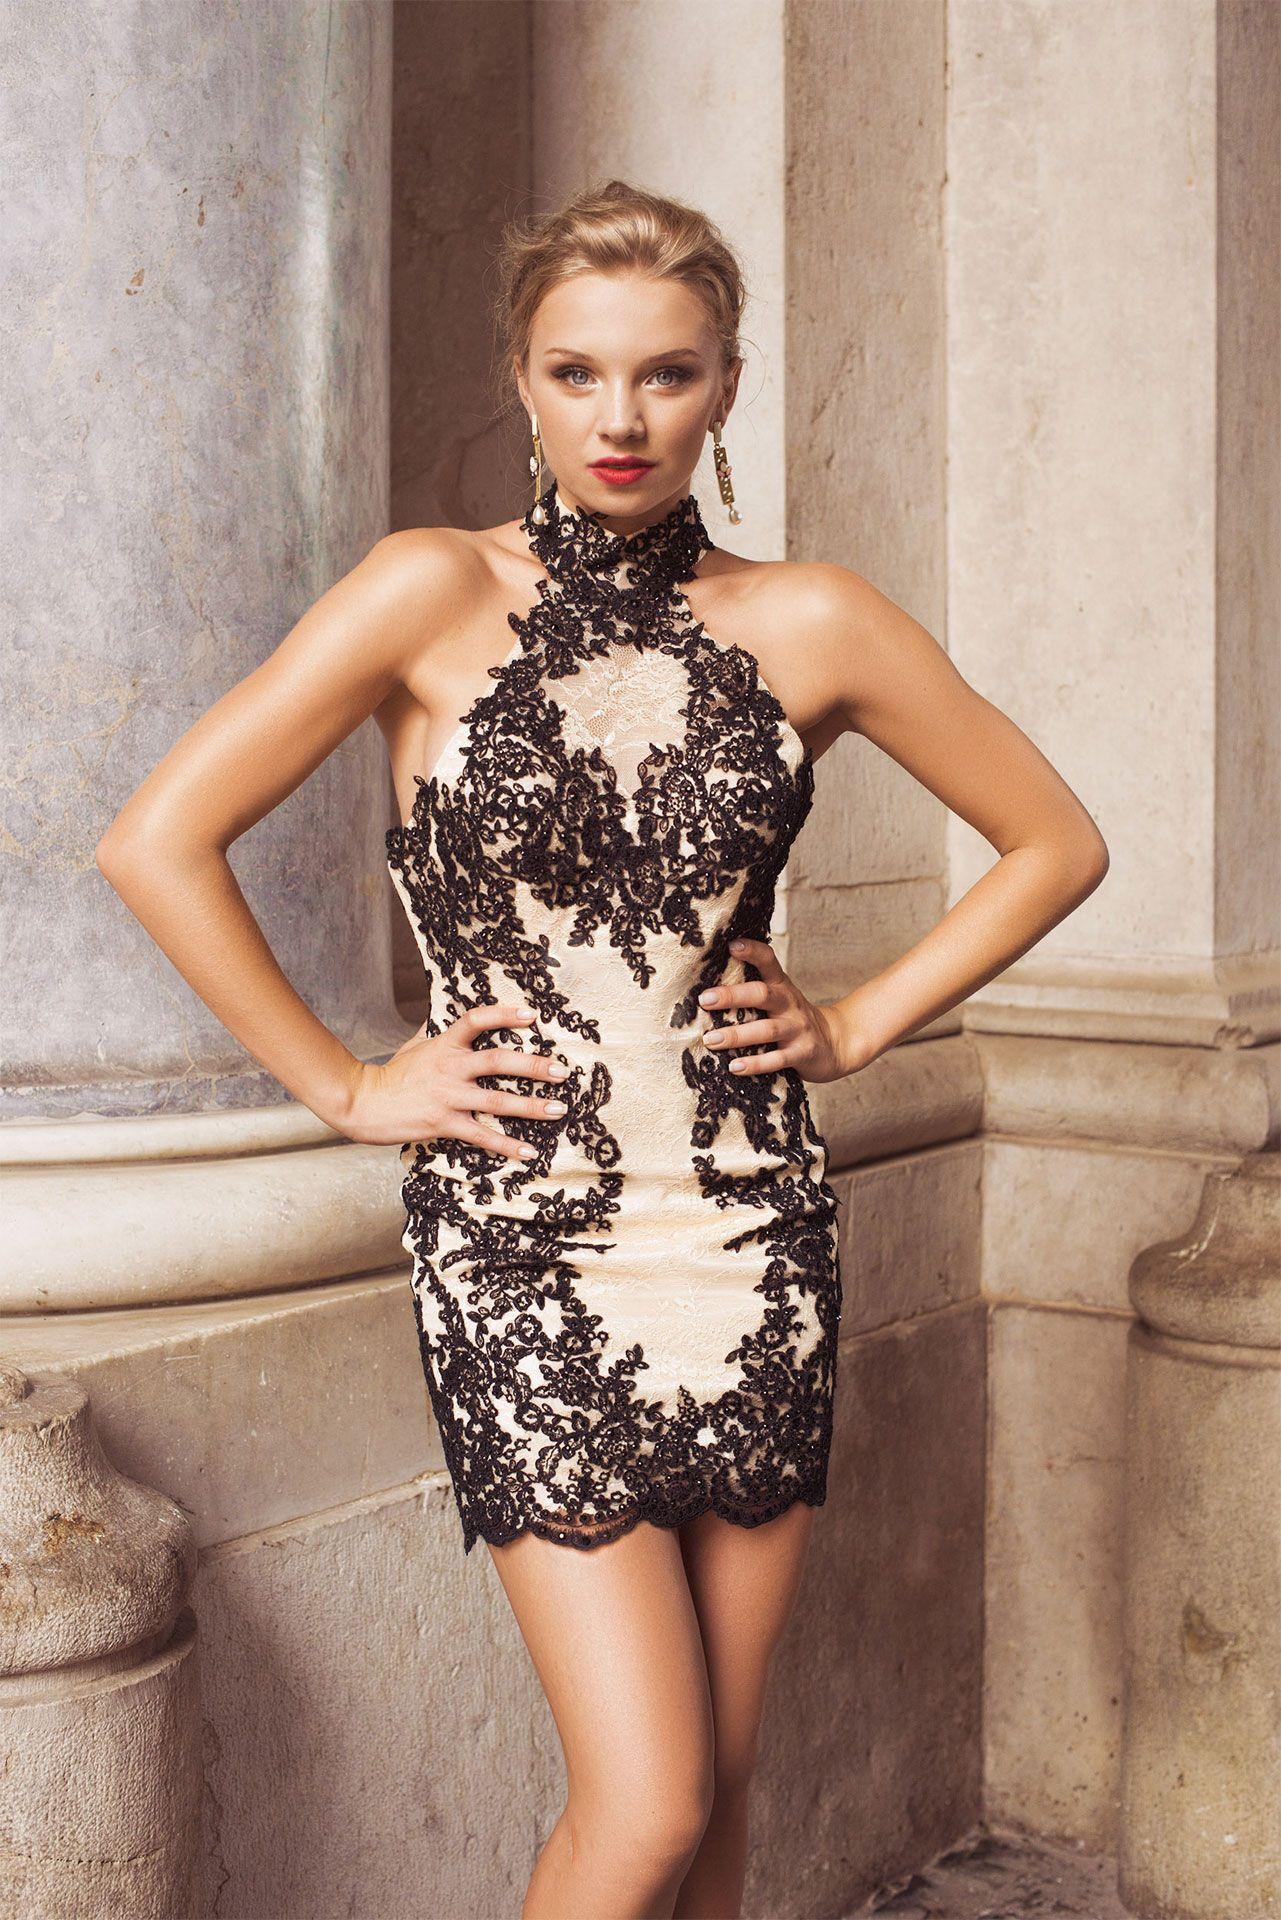 f4fdcd572cd3 Collezione abiti da cerimonia impero couture 2013 – Modelli alla ...